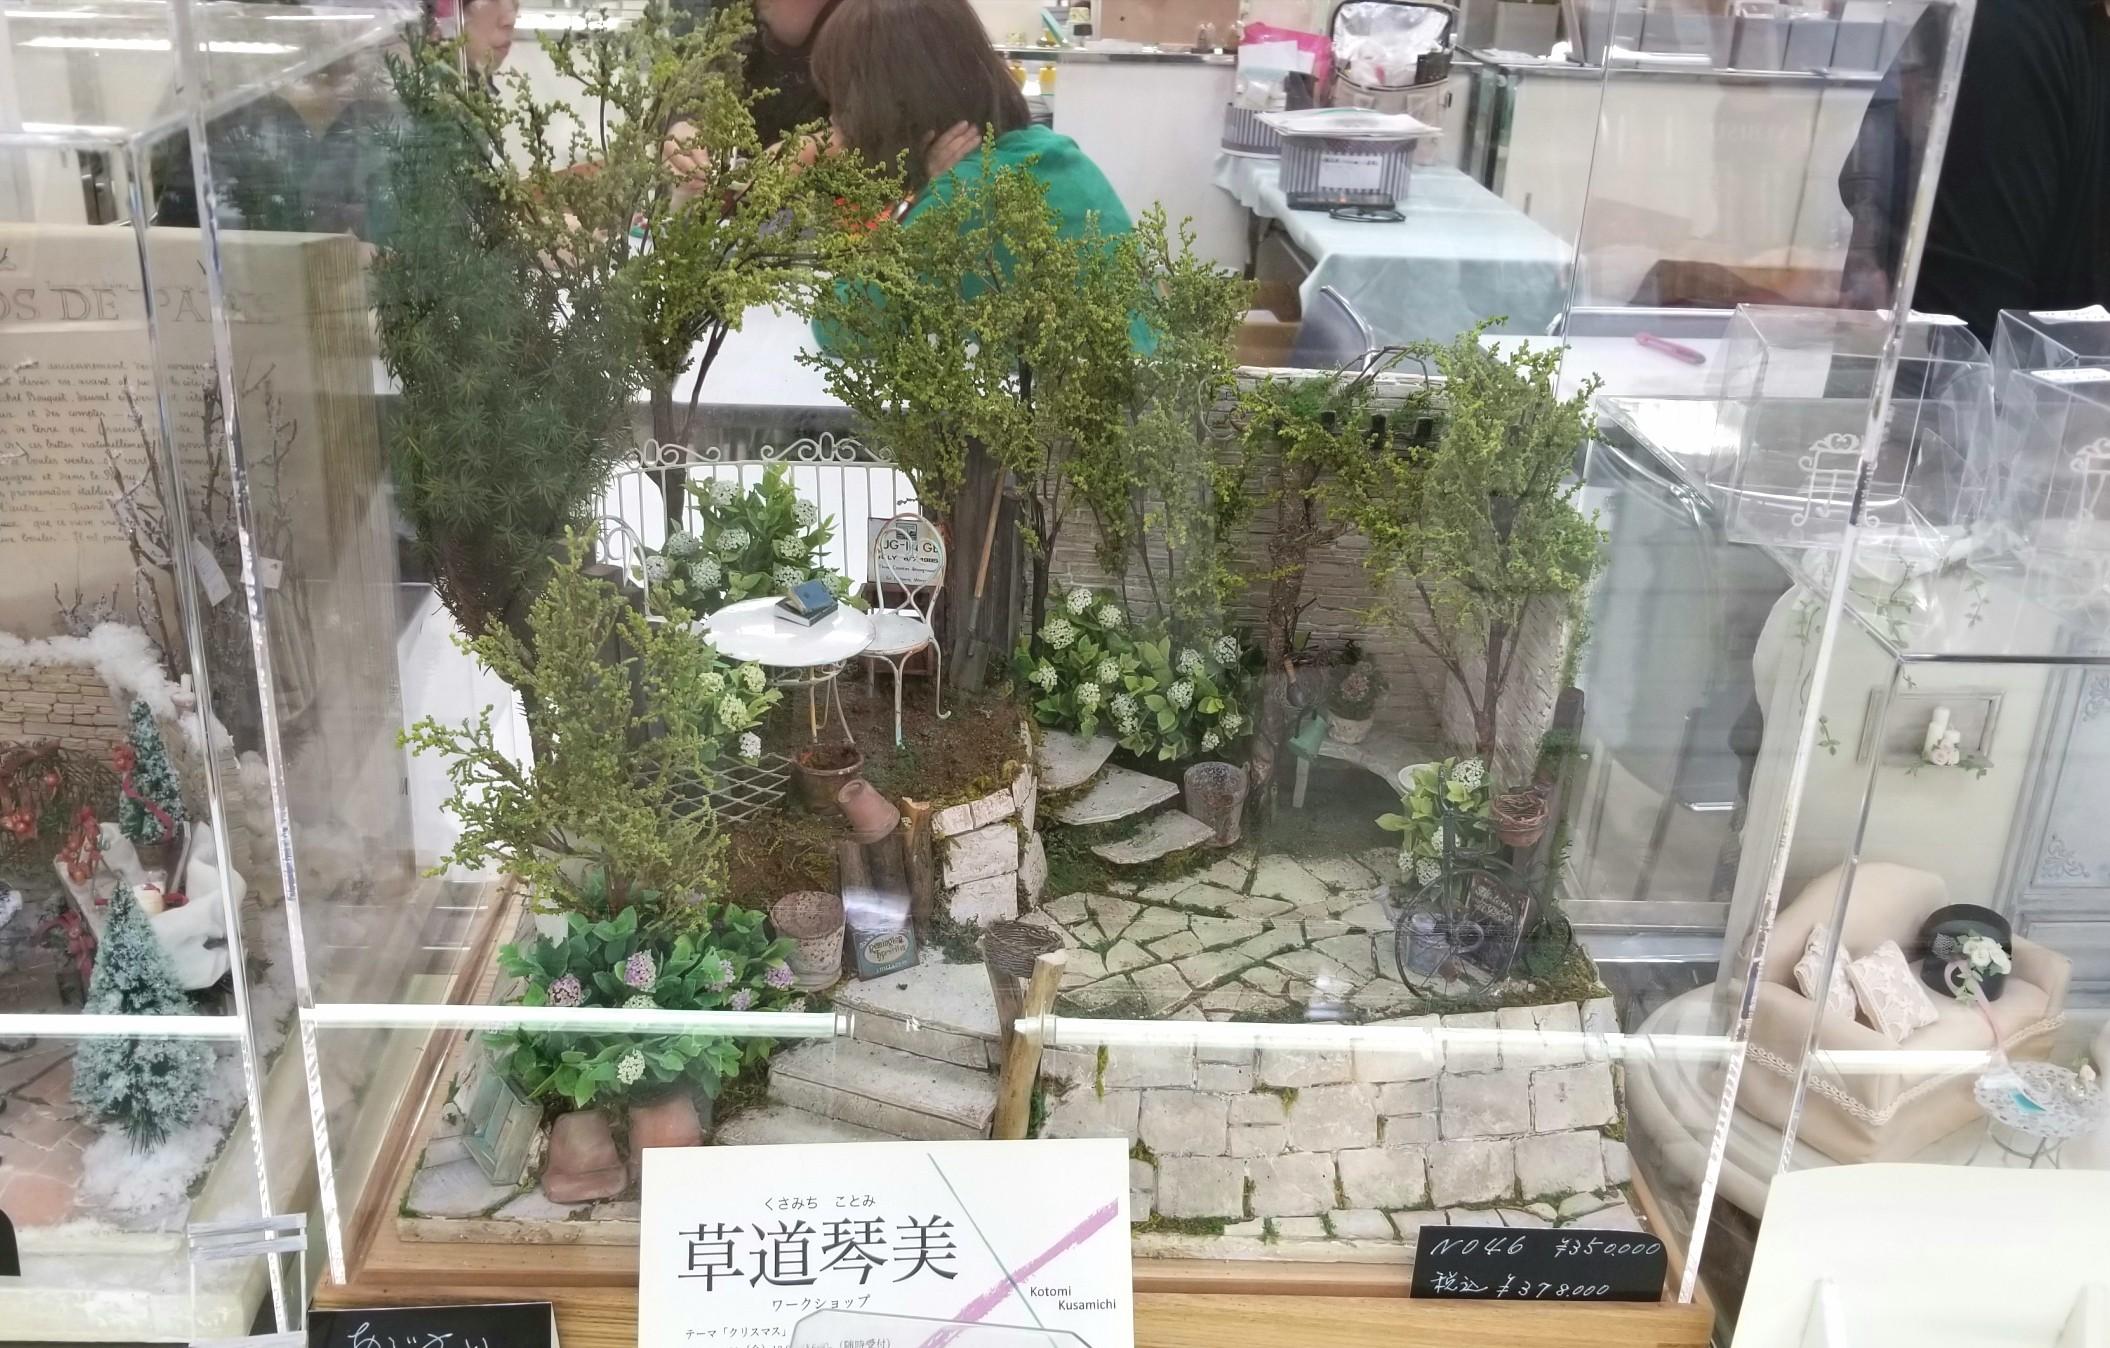 京王百貨店ドールハウス展, 草道琴美, ミニチュア, ドールハウス